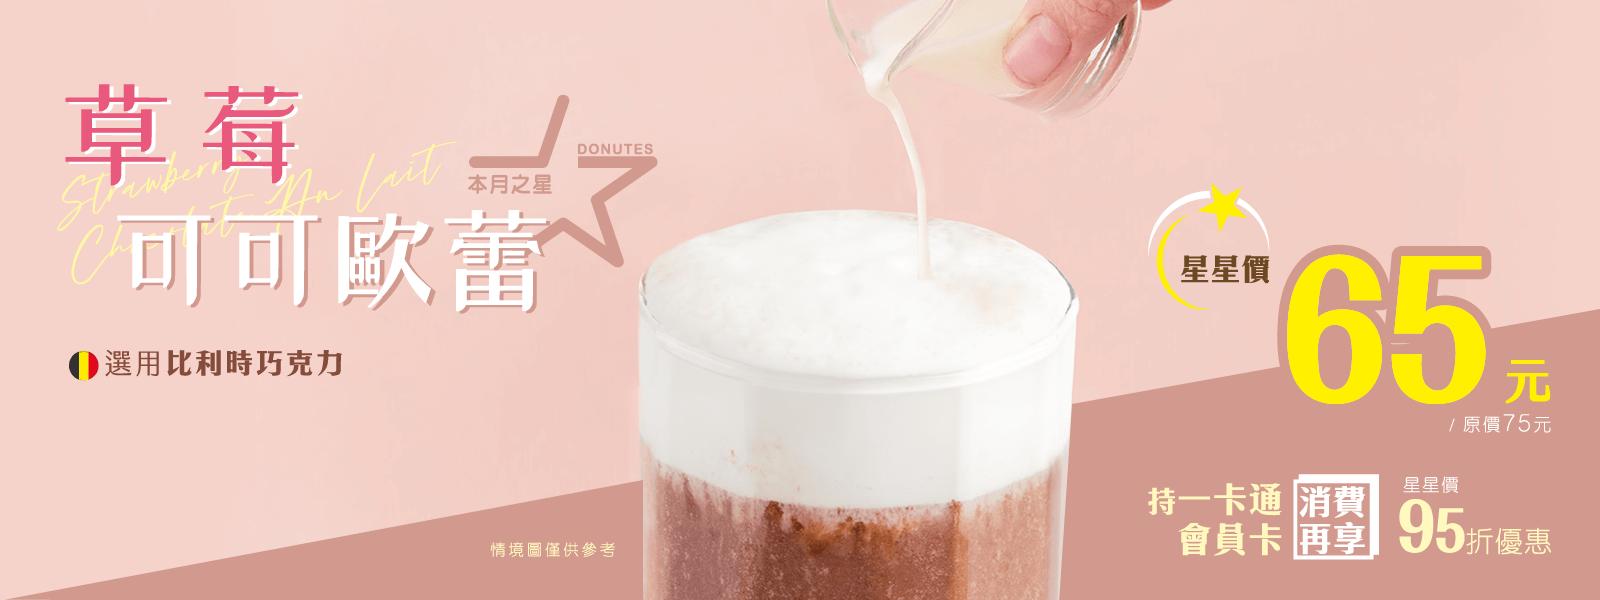 DG-10911-20 2021本月之星-數位文宣_官網咖啡飲品TOP